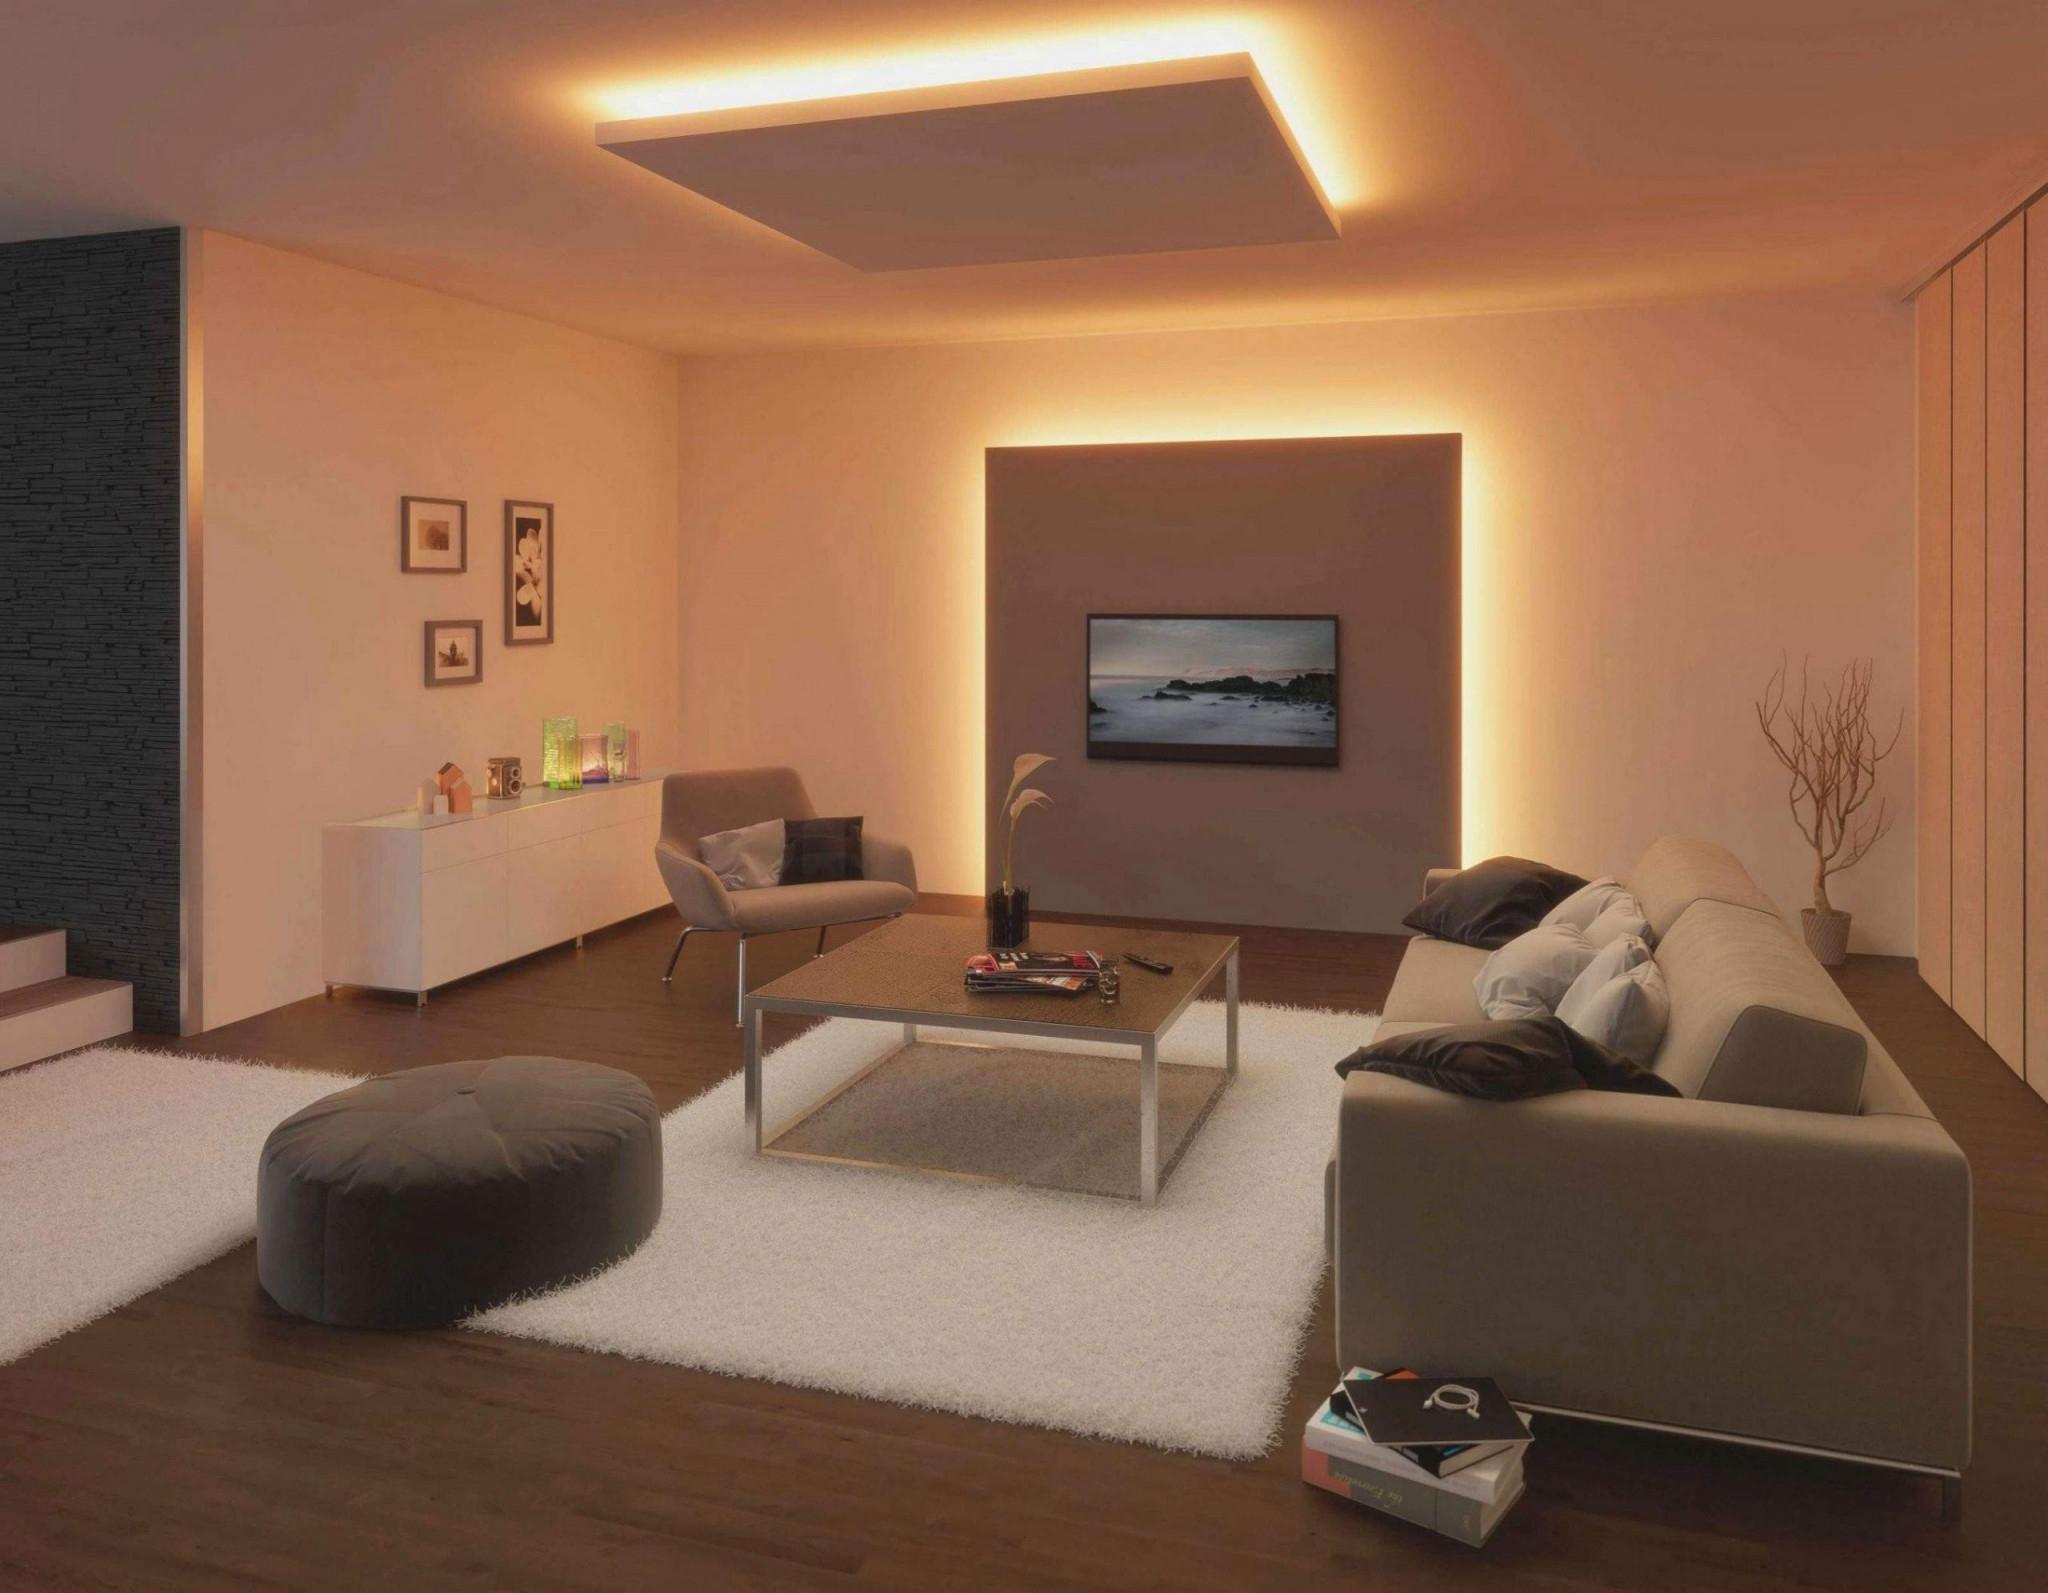 31 Einzigartig Moderne Lampen Wohnzimmer Frisch  Wohnzimmer von Designer Wohnzimmer Lampe Photo